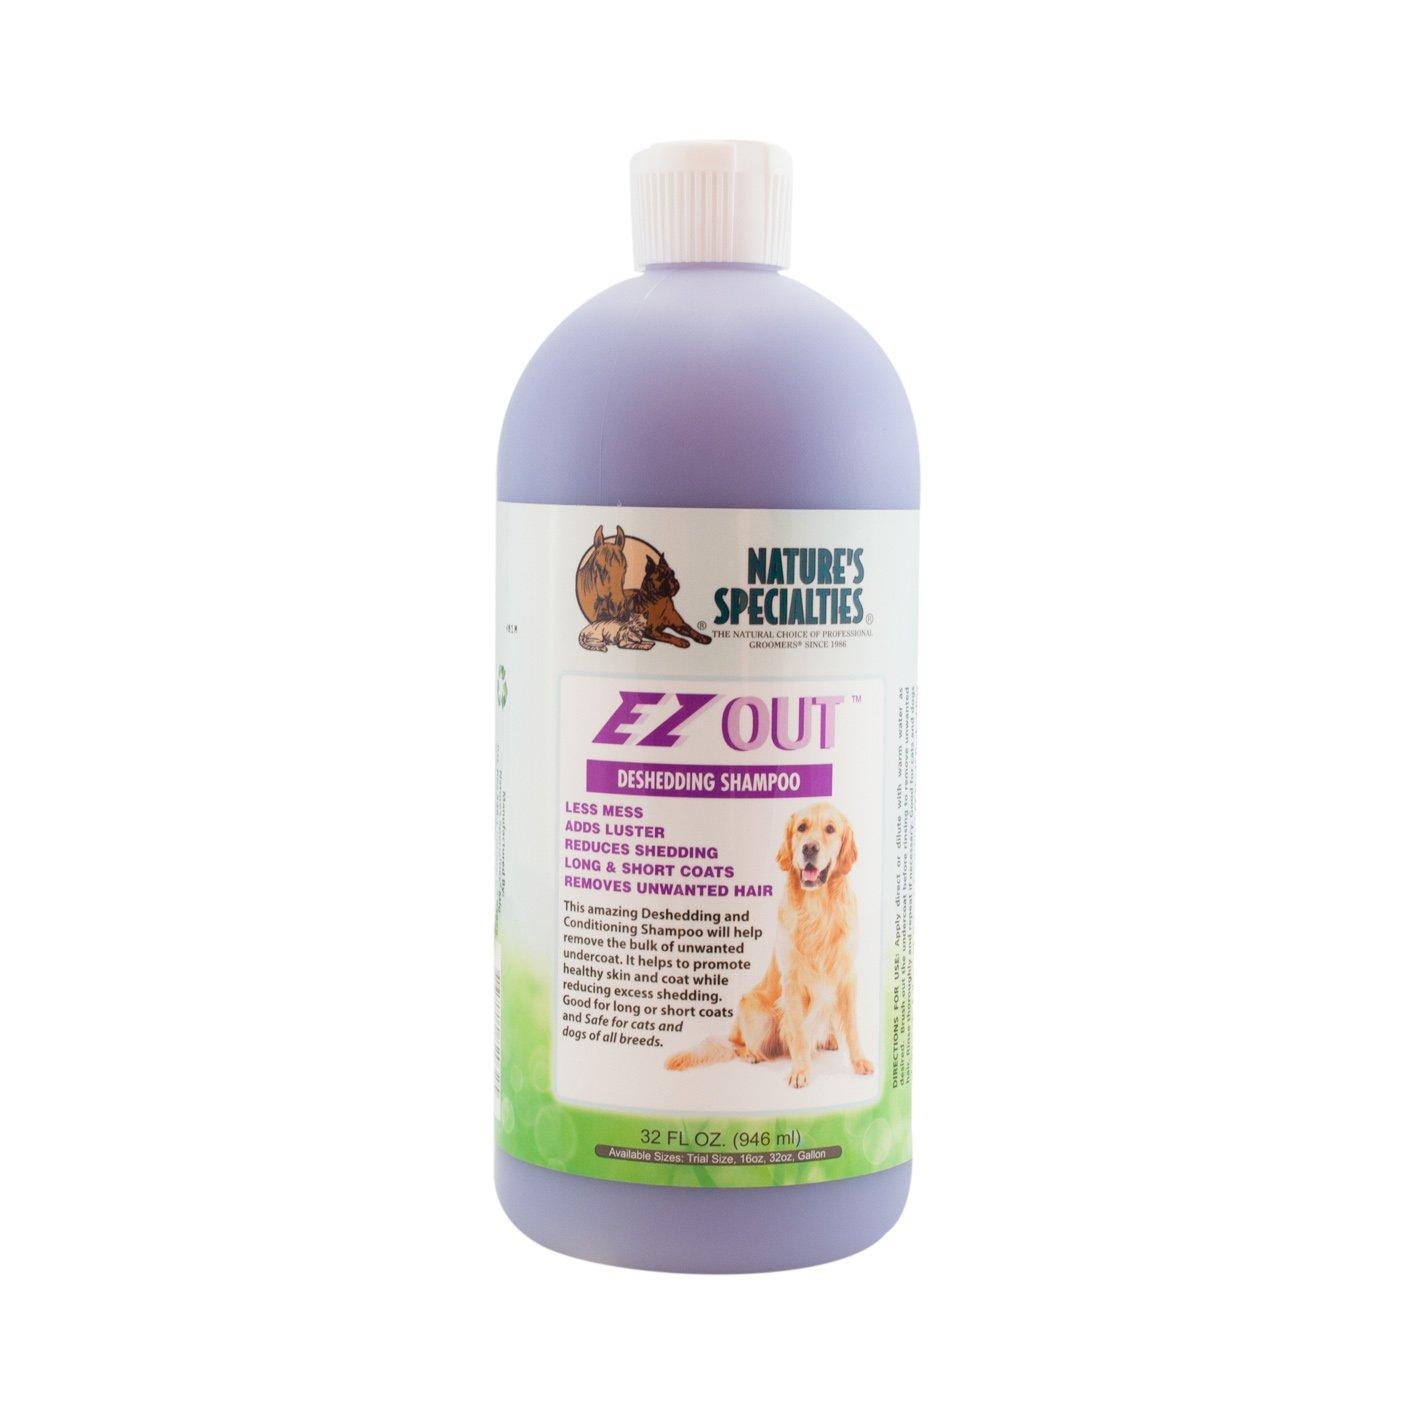 Nature's Specialties EZ Out Detangling Pet Shampoo, 32-Ounce by Nature's Specialties Mfg (Image #1)